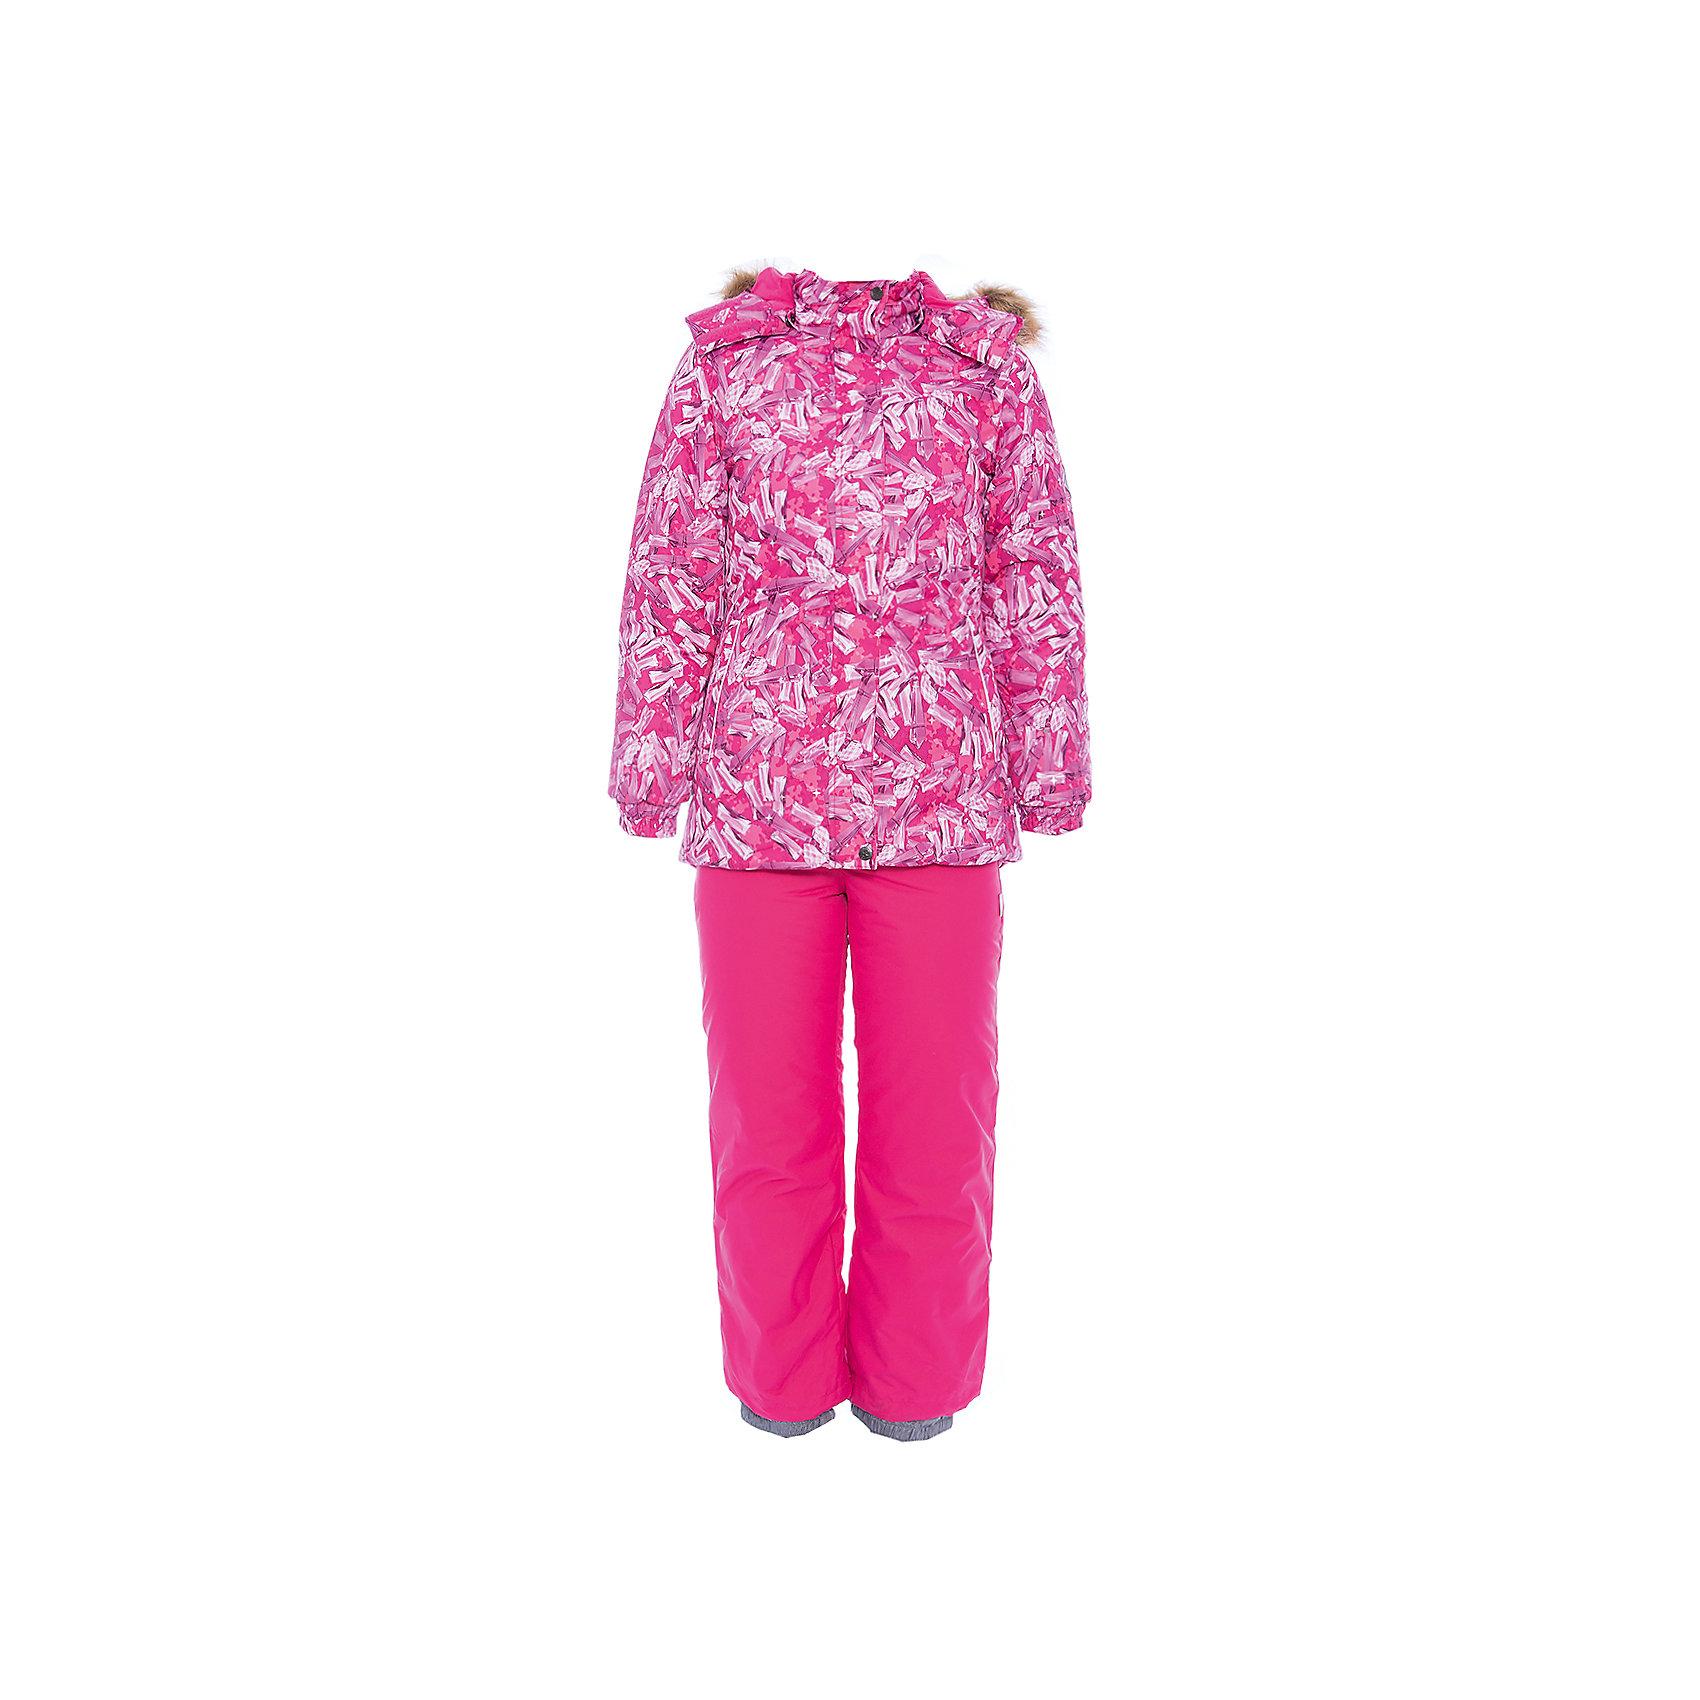 Комплект: куртка и брюки RENELY 1 Huppa для девочкиВерхняя одежда<br>Характеристики товара:<br><br>• модель: Renely 1;<br>• цвет: фуксия принт/фуксия;<br>• пол: девочка ;<br>• состав: 100% полиэстер;<br>• утеплитель: нового поколения HuppaTherm, 300 гр куртка / 160гр брюки;<br>• подкладка: полиэстер: тафта, pritex;<br>• сезон: зима;<br>• температурный режим: от -5 до - 30С;<br>• водонепроницаемость: куртка 5000 мм / брюки 10000 мм ;<br>• воздухопроницаемость: куртка 5000 / брюки 10000 г/м2/24 ч;<br>• влагоустойчивая и дышащая ткань верхнего слоя изделия;<br>• особенности модели: c рисунком; с мехом;<br>• плечевые швы и шаговый шов проклеены водостойкой лентой, для дополнительной защиты от протекания;<br>• мембрана препятствует прохождению воды и ветра сквозь ткань внутрь изделия, позволяя испаряться выделяемой телом, образовывающейся внутри влаге;<br>• в куртке застежка молния, прикрыта планкой;<br>• модель приталенная, сзади встроена резинка в области талии;<br>• воротник стойка и дополнительная липучка на капюшоне хорошо закрывают область шеи;<br>• низ куртки стягивается кулиской, что помогает предотвращать попадание снега внутрь;<br>• эластичные подтяжки регулируются по длине;<br>• форма брючин прямая, внутри дополнительная штанина на резинке, предотвращает попадание снега внутрь;<br>• низ брюк затягивается на шнурок с фиксатором;<br>• капюшон при необходимости отстегивается;<br>• искусственный мех на капюшоне съемный ;<br>• светоотражающих элементов для безопасности ребенка ;<br>• все карманы застегиваются на молнию;<br>• манжеты рукавов на резинке; <br>• страна бренда: Финляндия;<br>• страна изготовитель: Эстония.<br><br>Зимний комплект Renely для девочки HUPPA  водо- воздухонепроницаемый. Утеплитель HuppaTherm сохраняет объем и высокую теплоизоляцию изделия. Легко стирается и быстро сохнет. Изделия HuppaTherm легкие по весу, комфортные и теплые.<br><br>Мембрана препятствует прохождению воды и ветра сквозь ткань внутрь изделия, позволяя испаряться выделяемой те